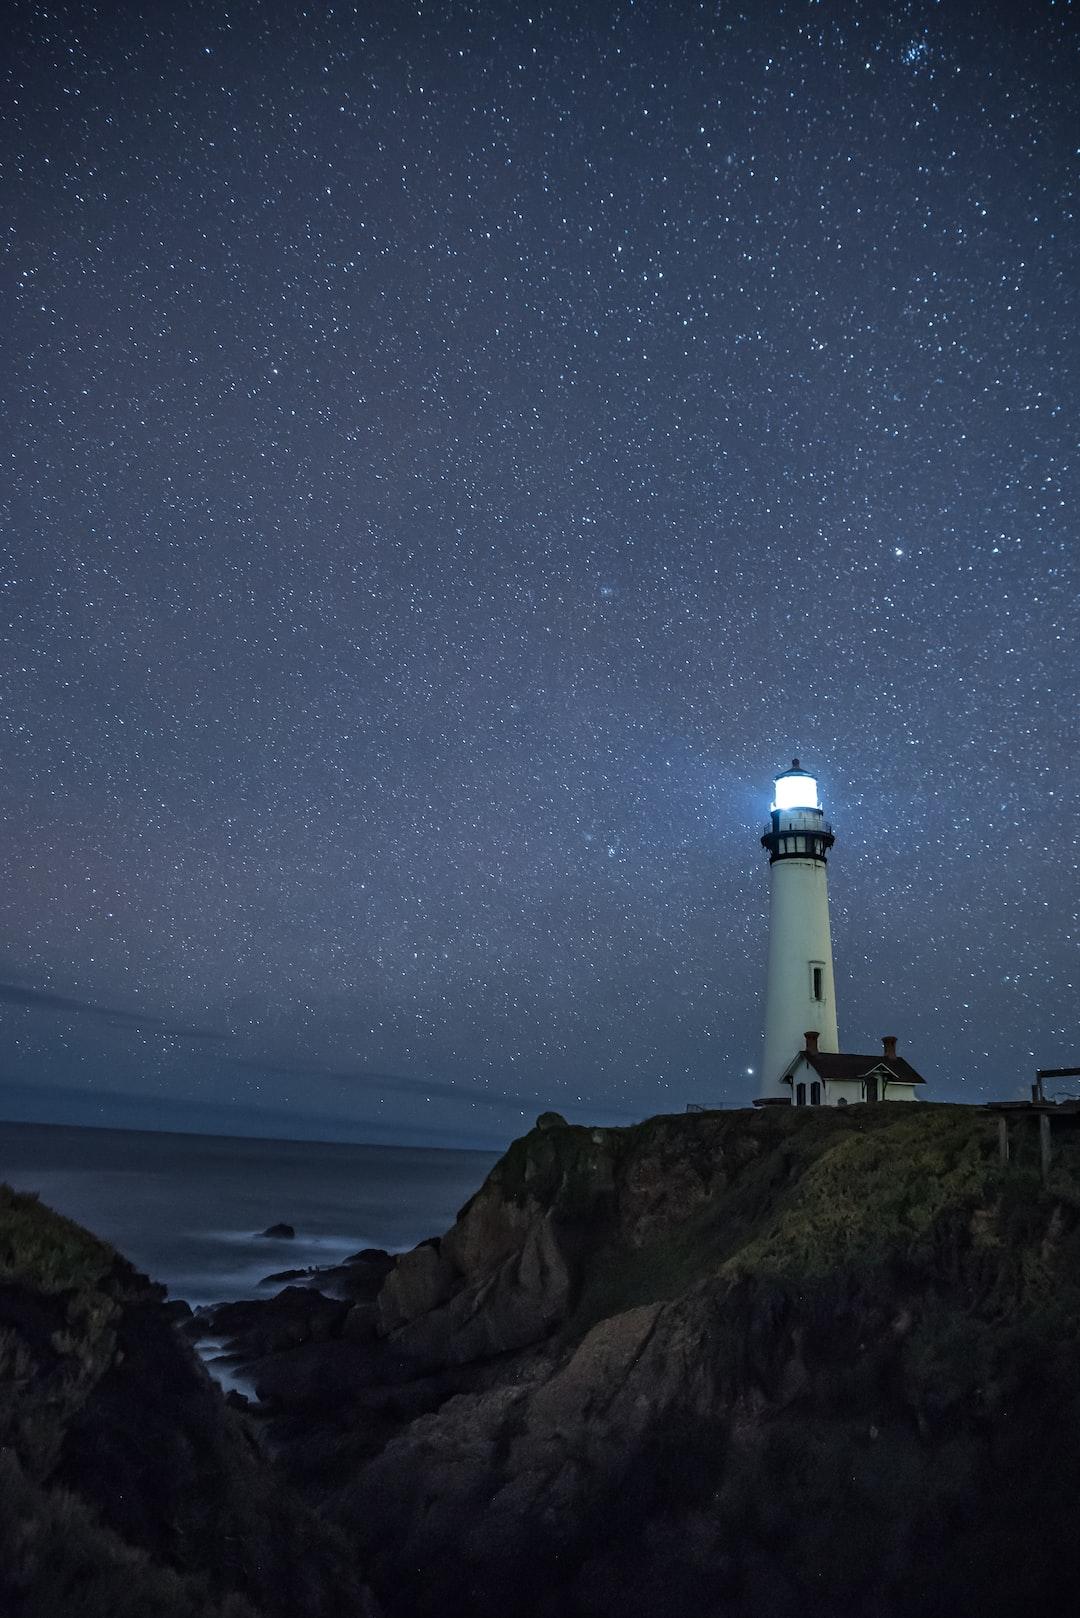 best 100 lighthouse pictures download free images on unsplash. Black Bedroom Furniture Sets. Home Design Ideas